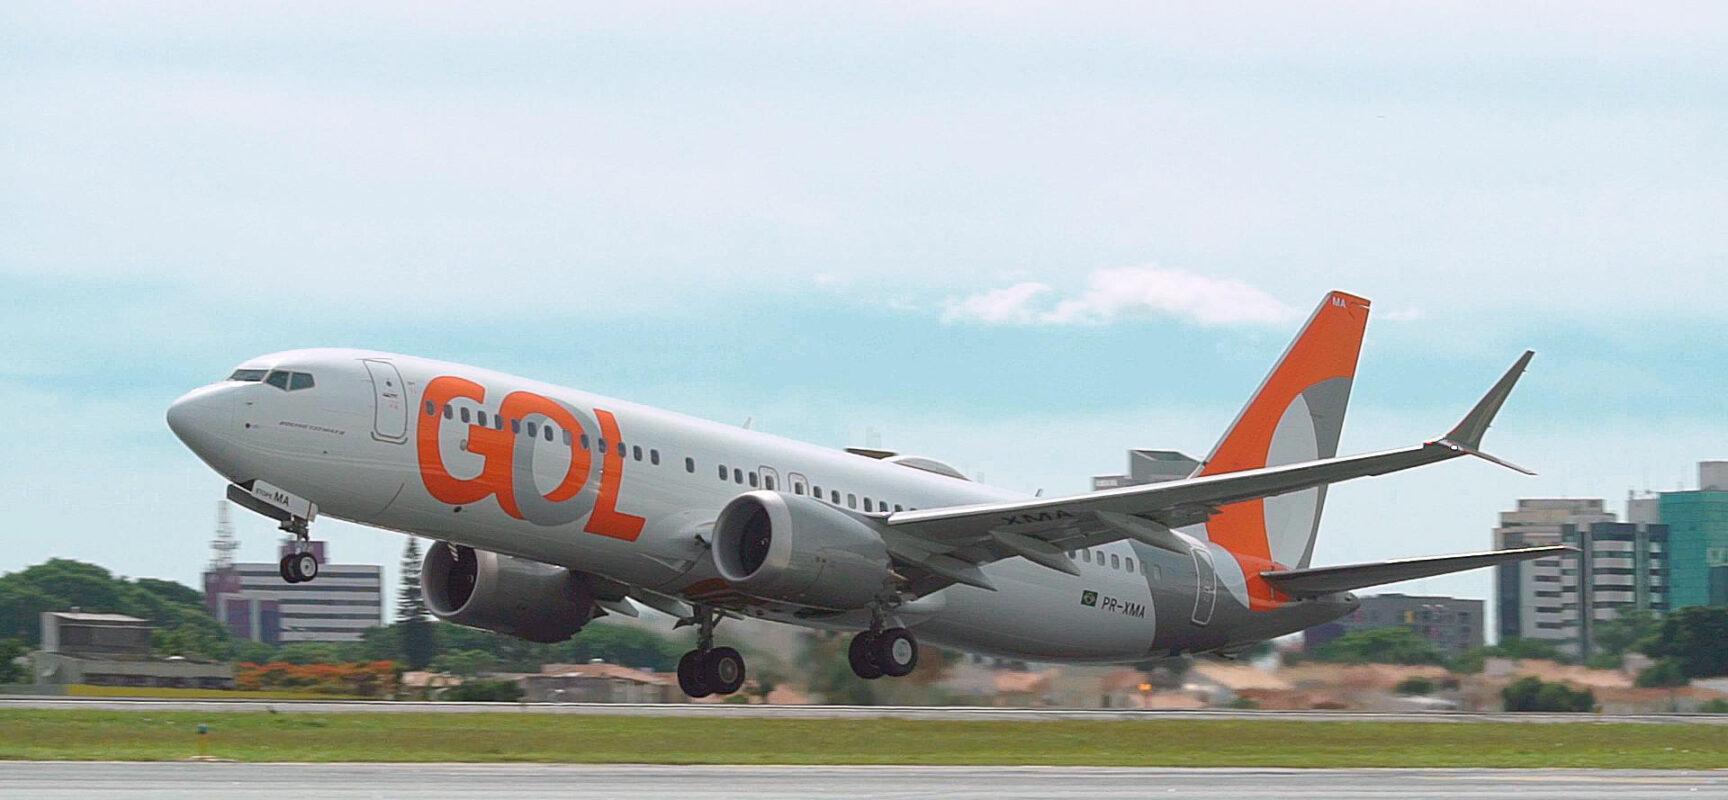 GOL oferece 210 voos extras no período do feriado da Independência. Ilhéus na malha aérea!